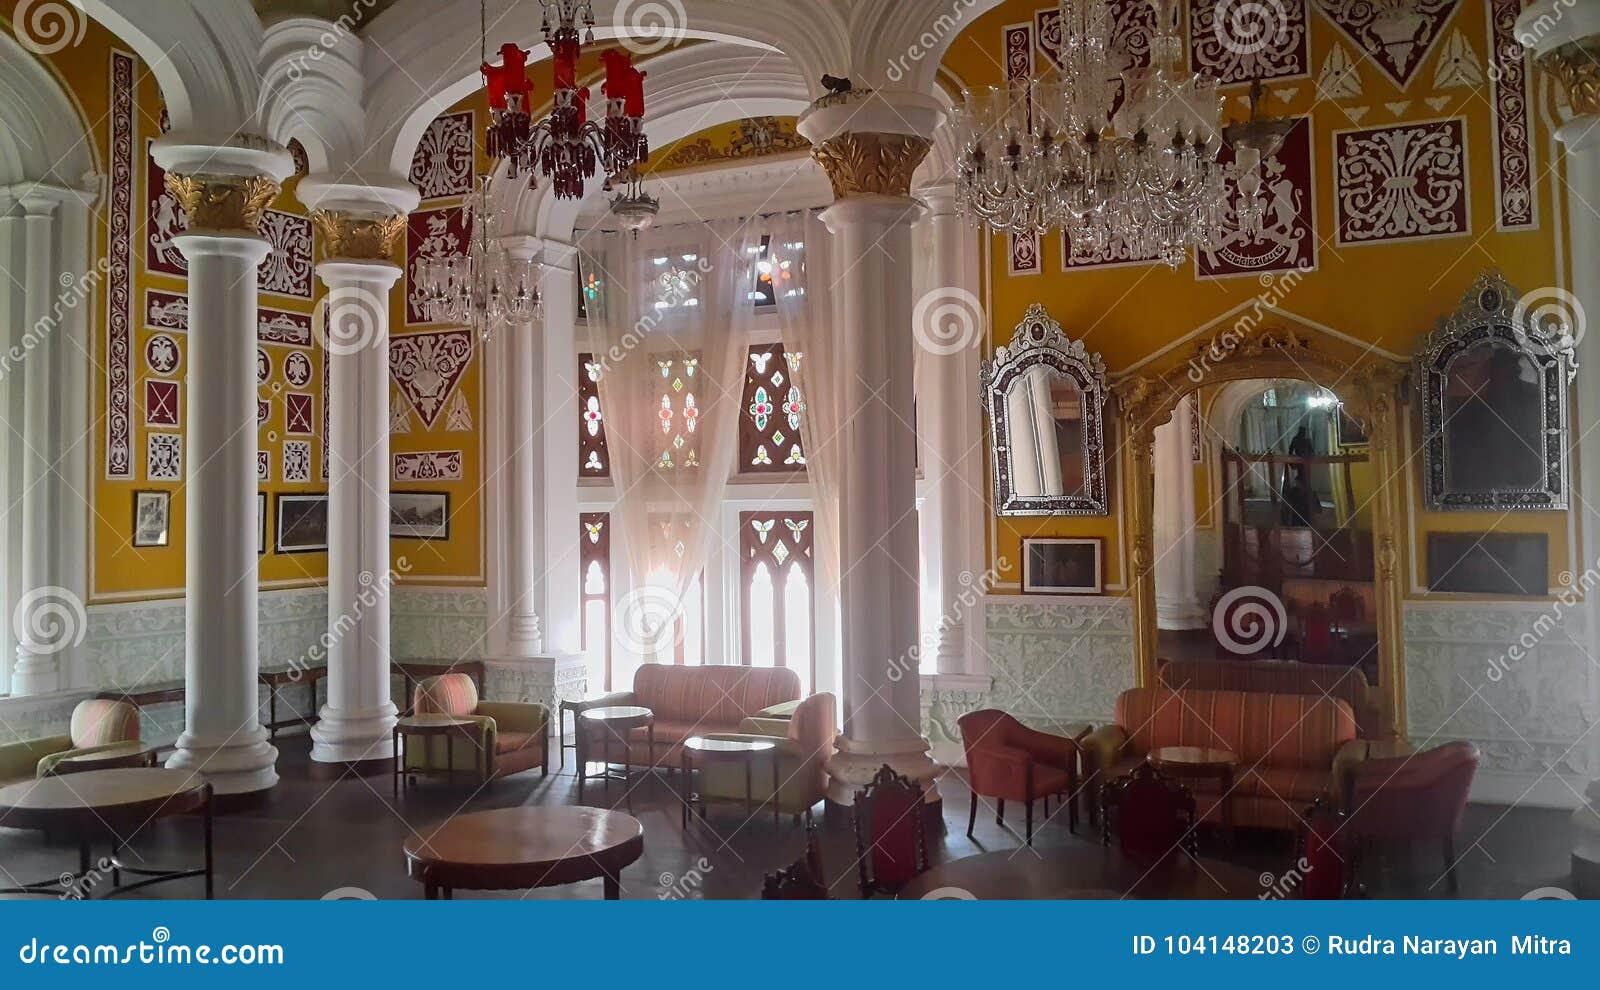 Ilustraciones en el palacio de Banglaore, Bengaluru, la India